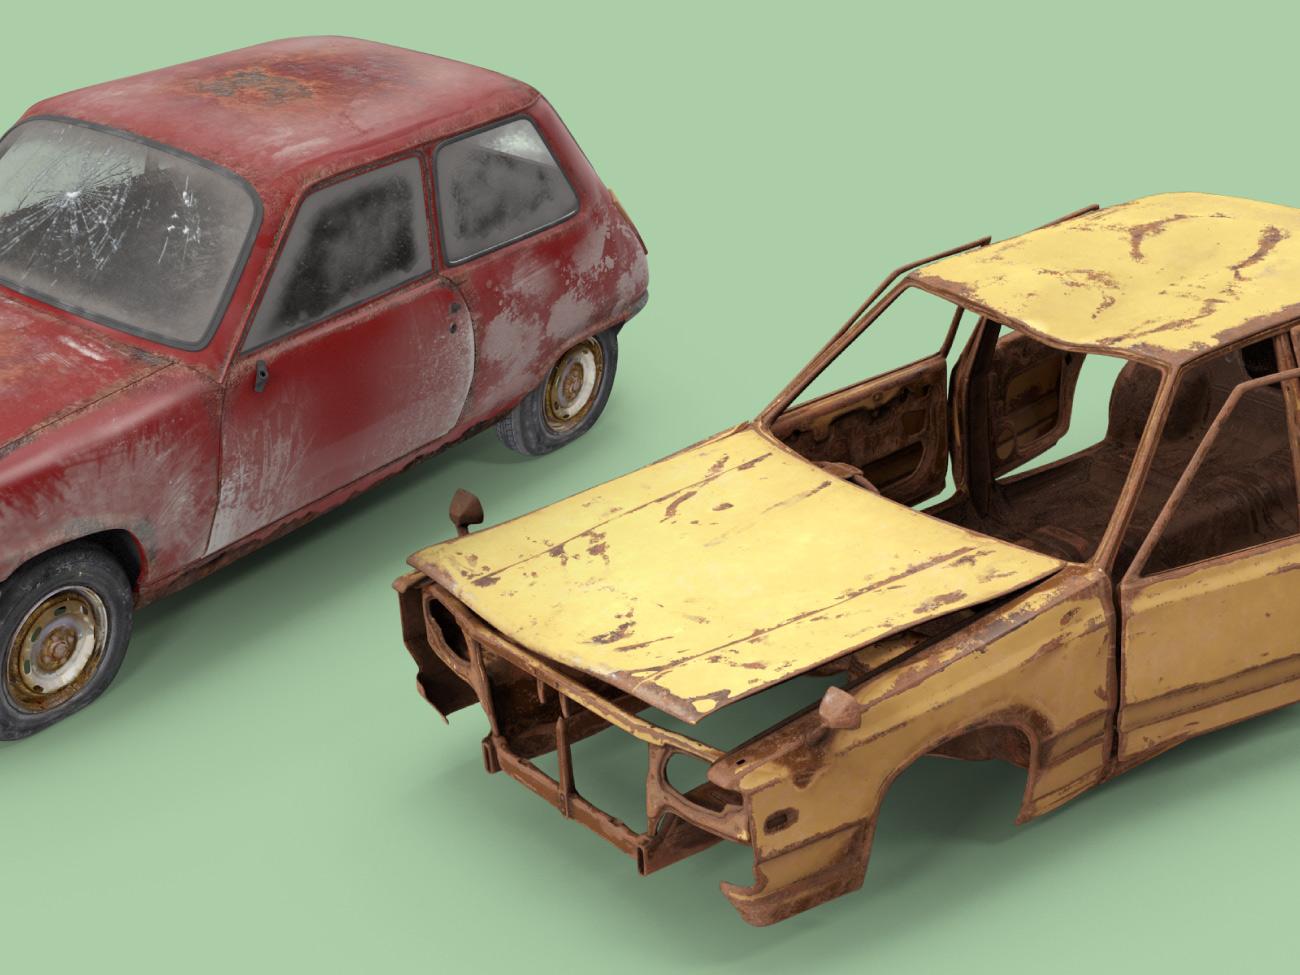 Лучший способ избавиться от старой машины